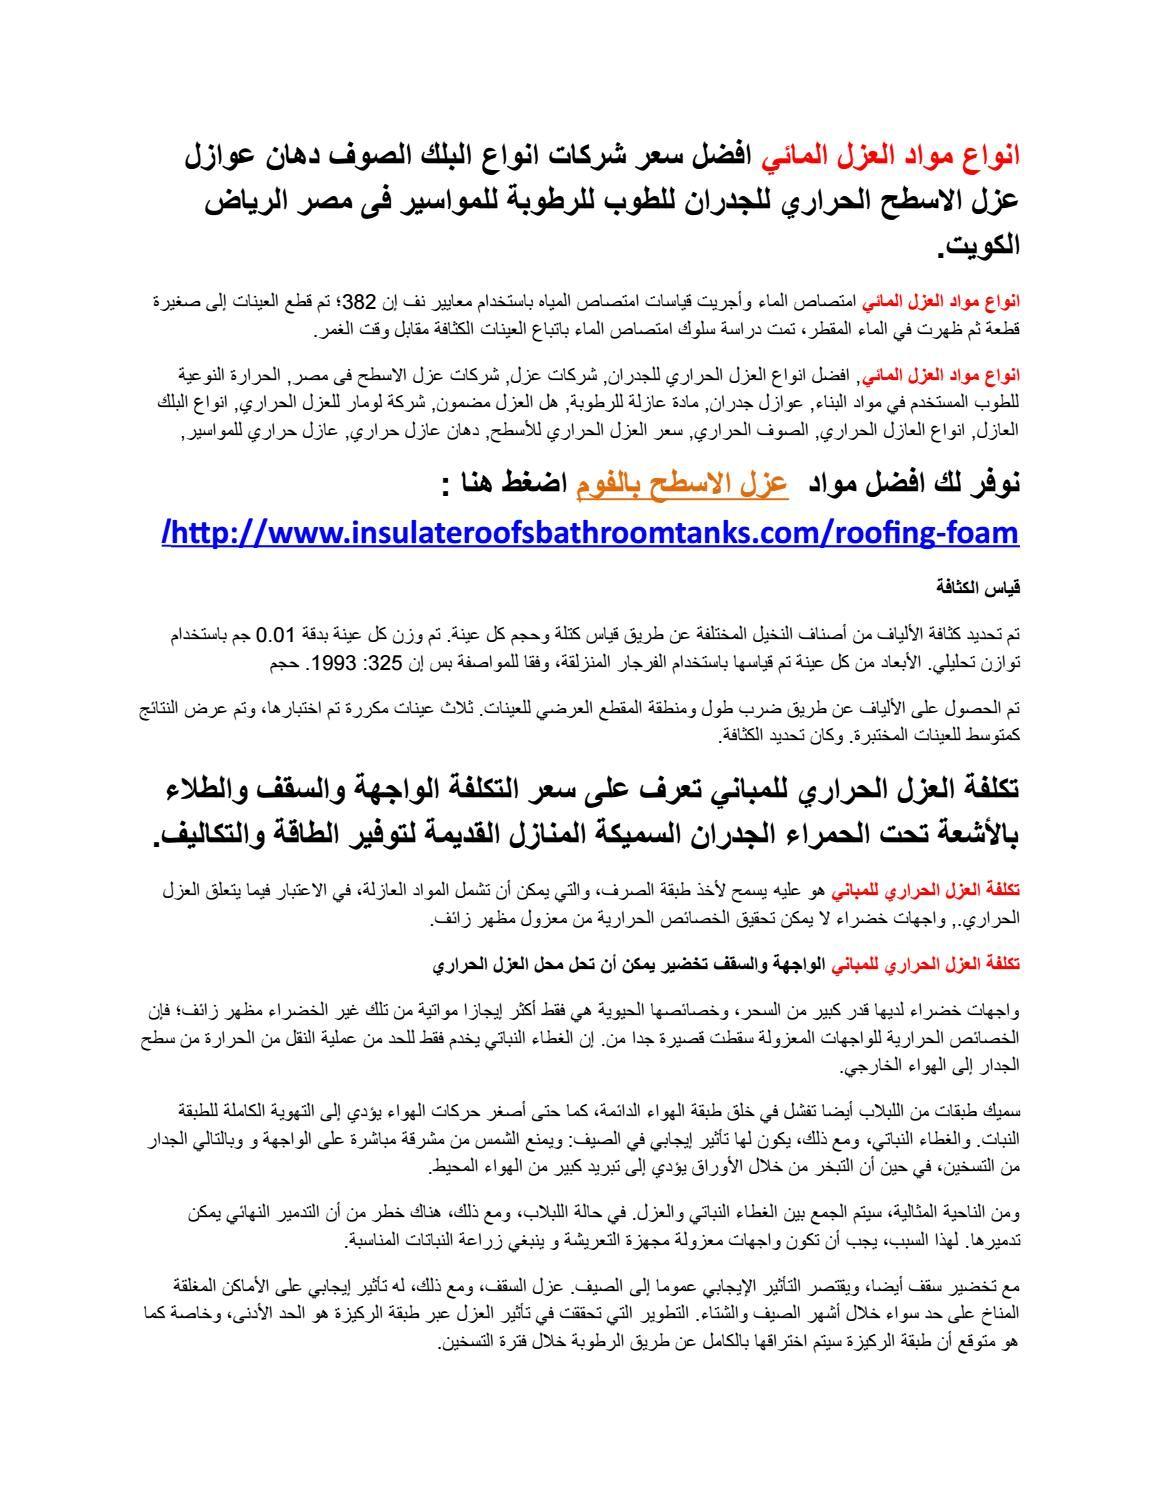 882cfc0d4 اسعار الواح عزل الفوم سعر متر العزل الحراري في مصر السعودية الكويت الامارات  الاردن عمان